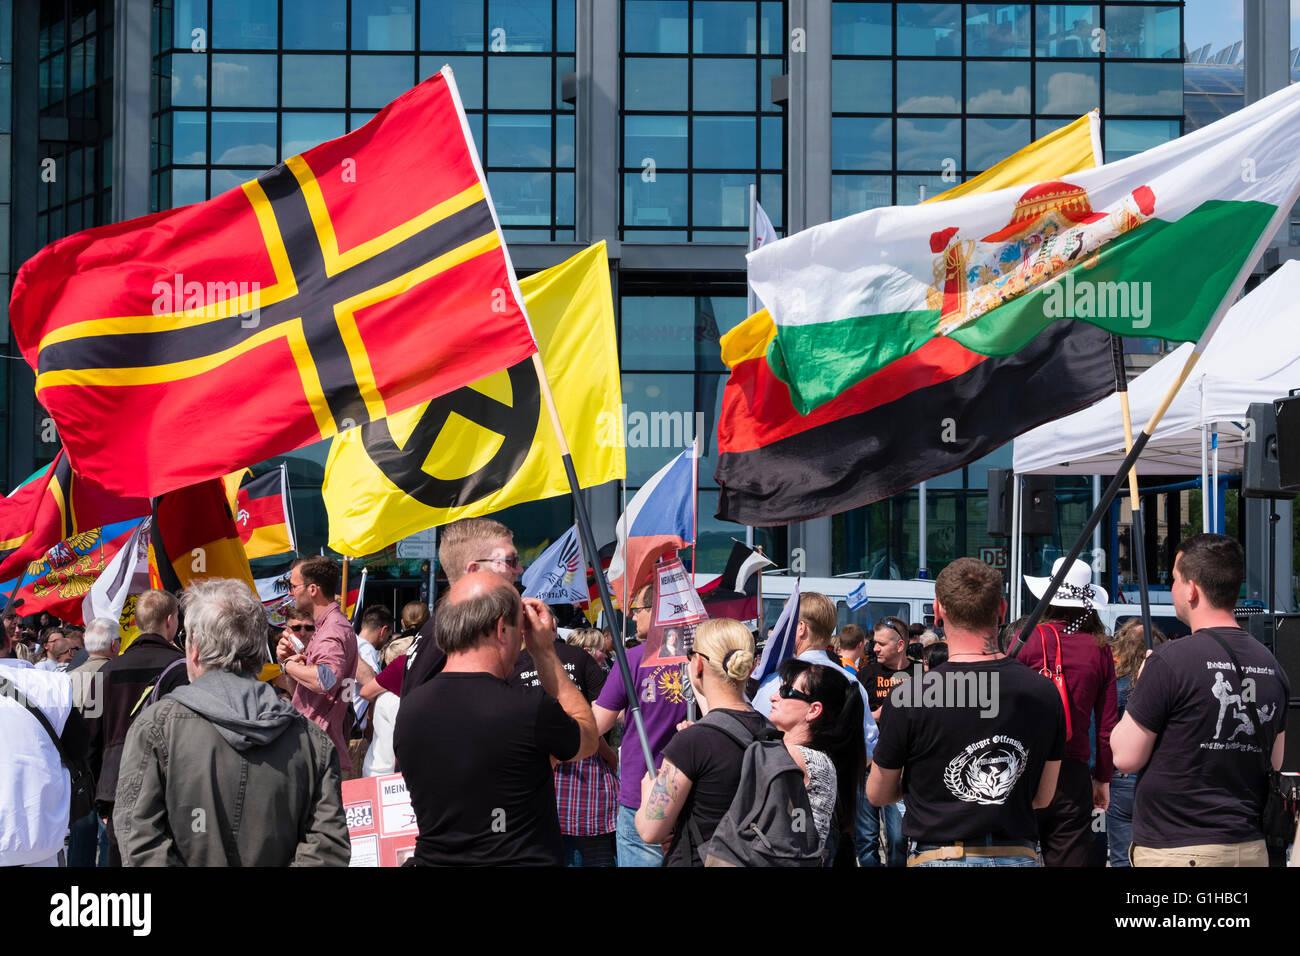 Los manifestantes de extrema derecha protesta contra el Islam, refugiados y Angela Merkel en Berlín. Imagen De Stock